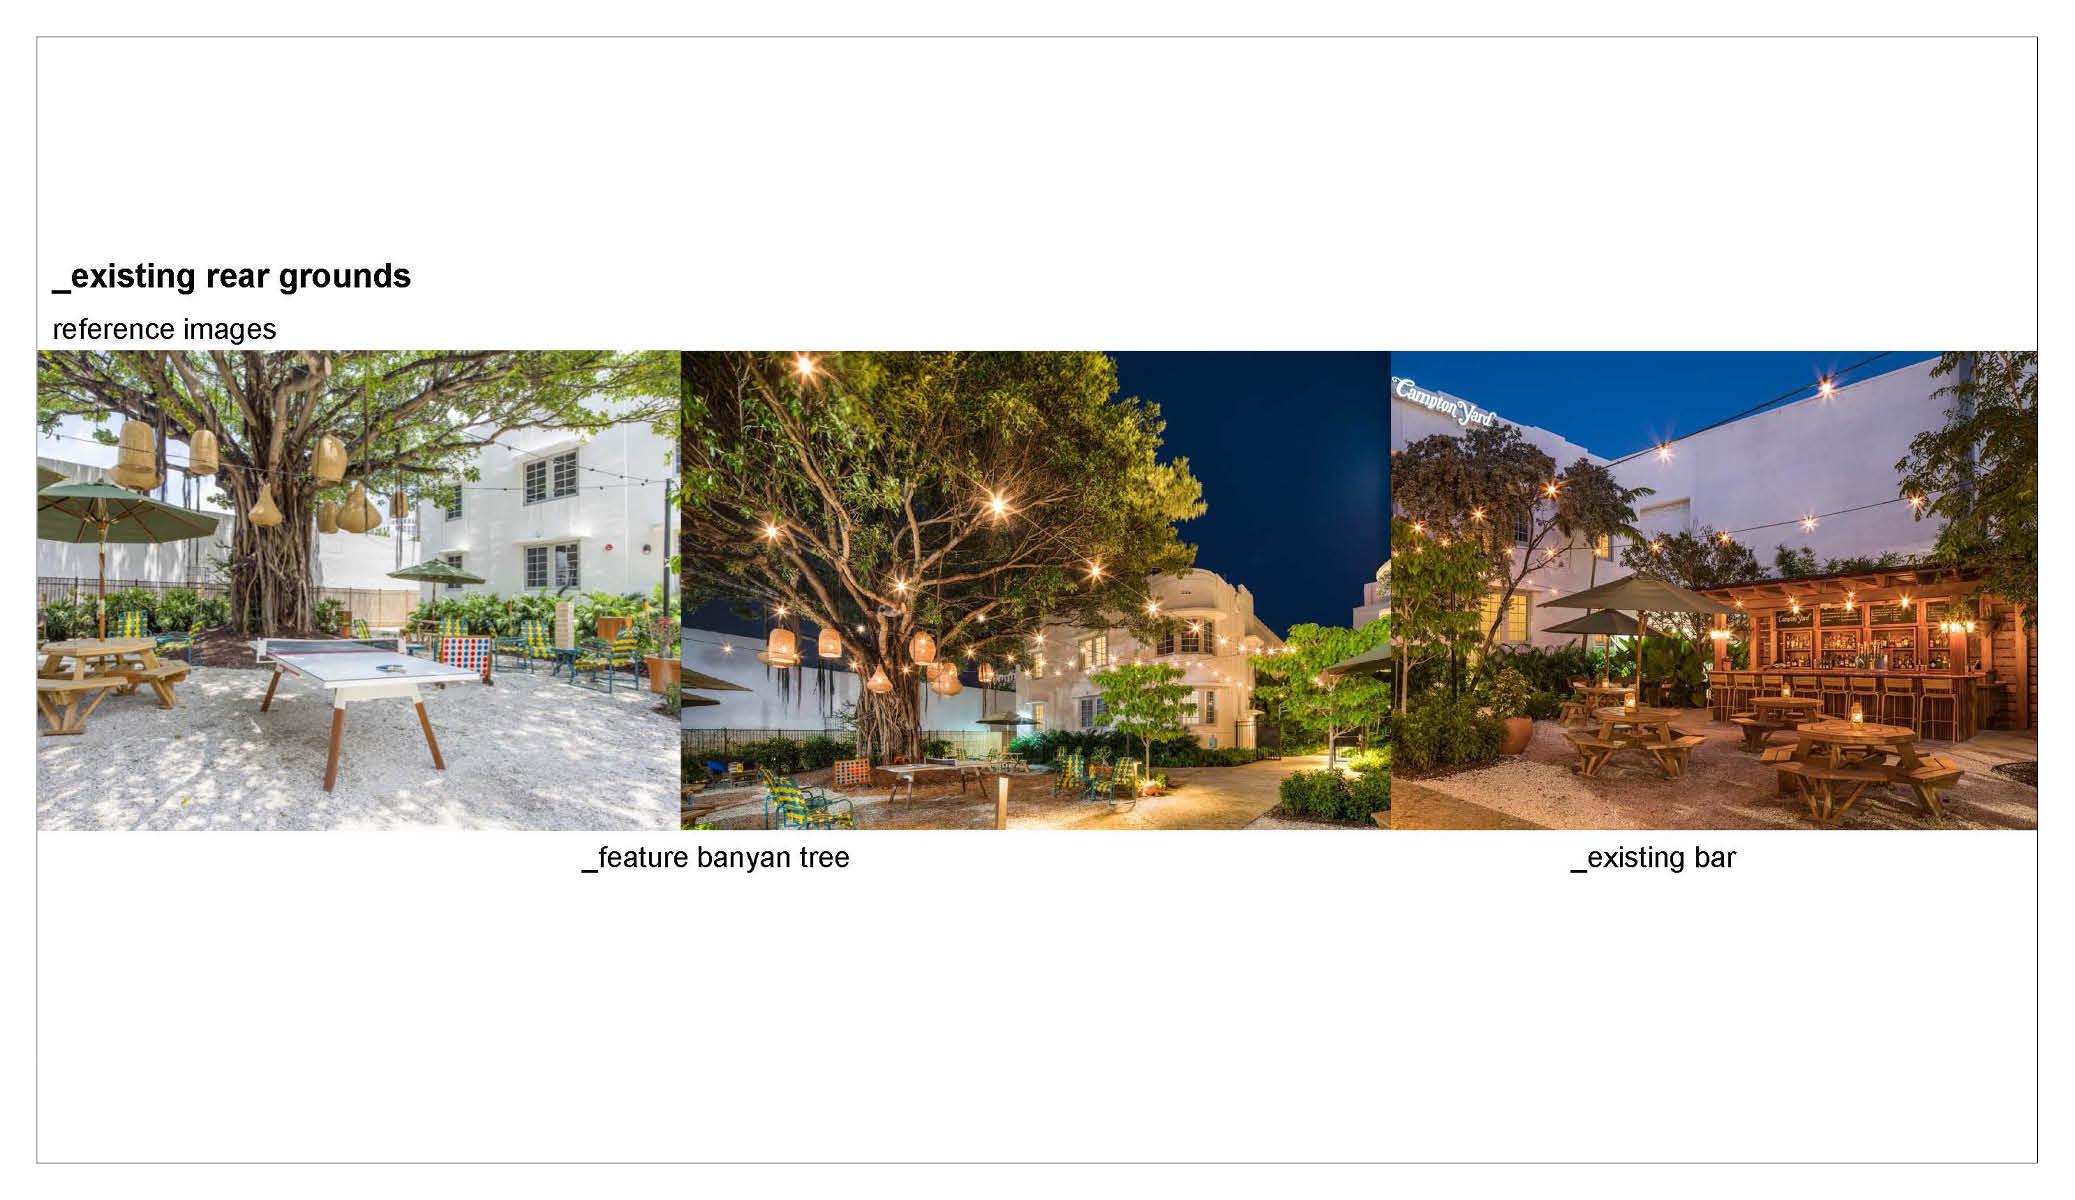 tsao-axel-hotel-case-study-3.jpg